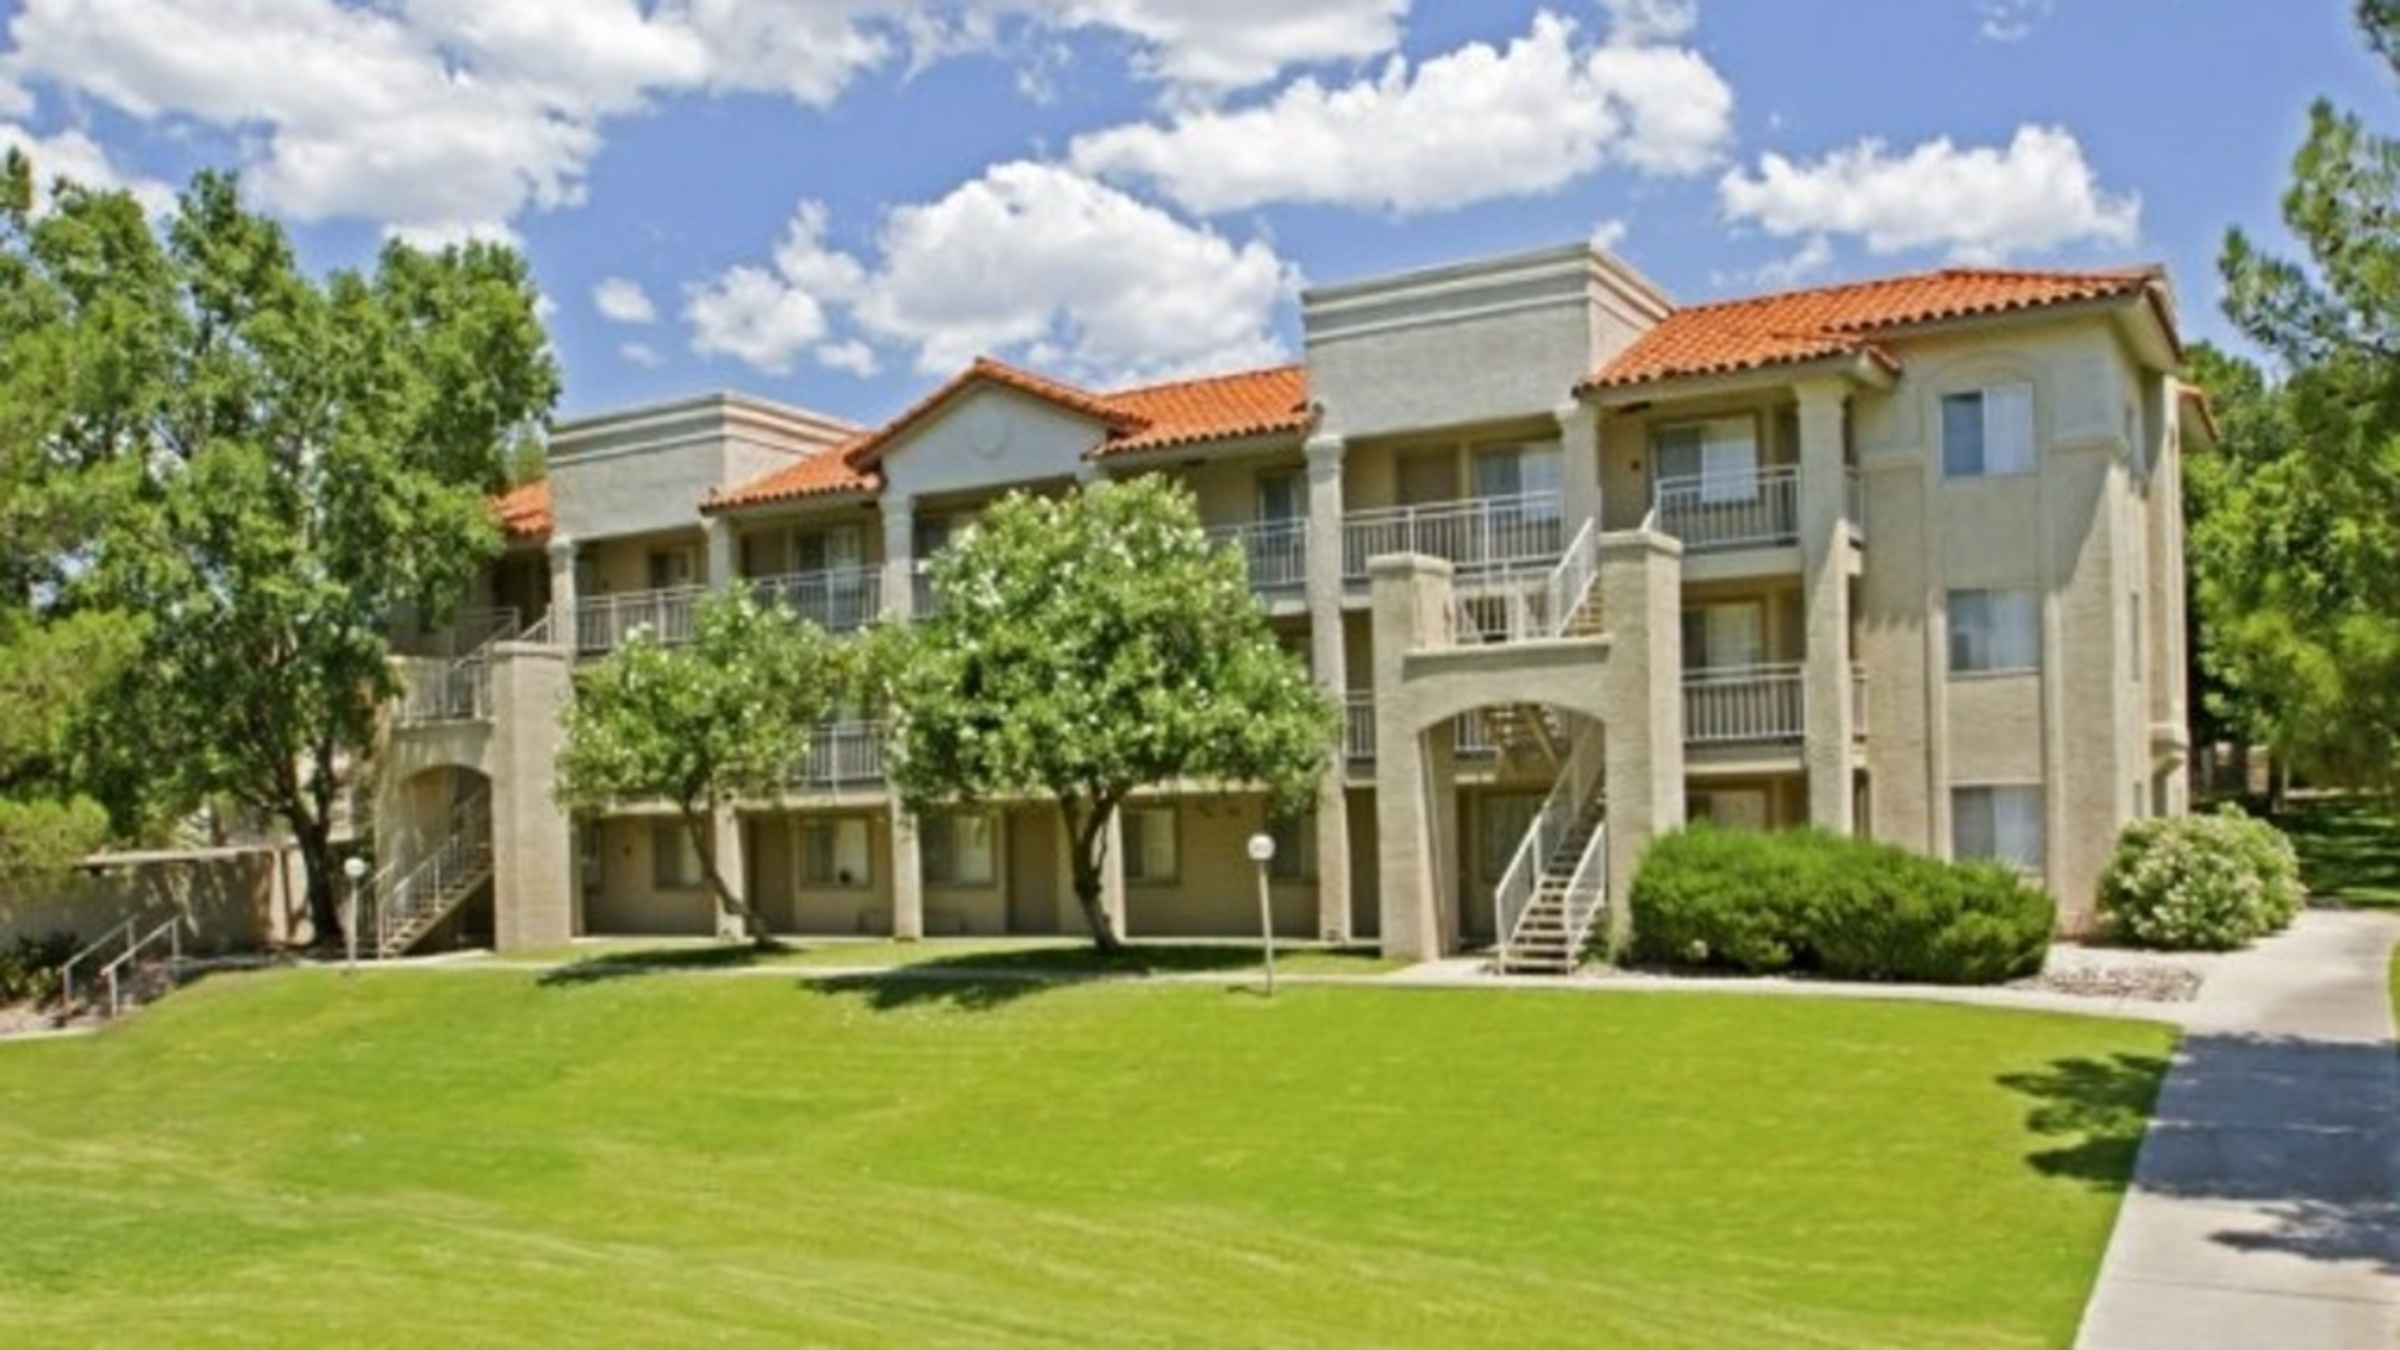 Hilands Apartment Homes